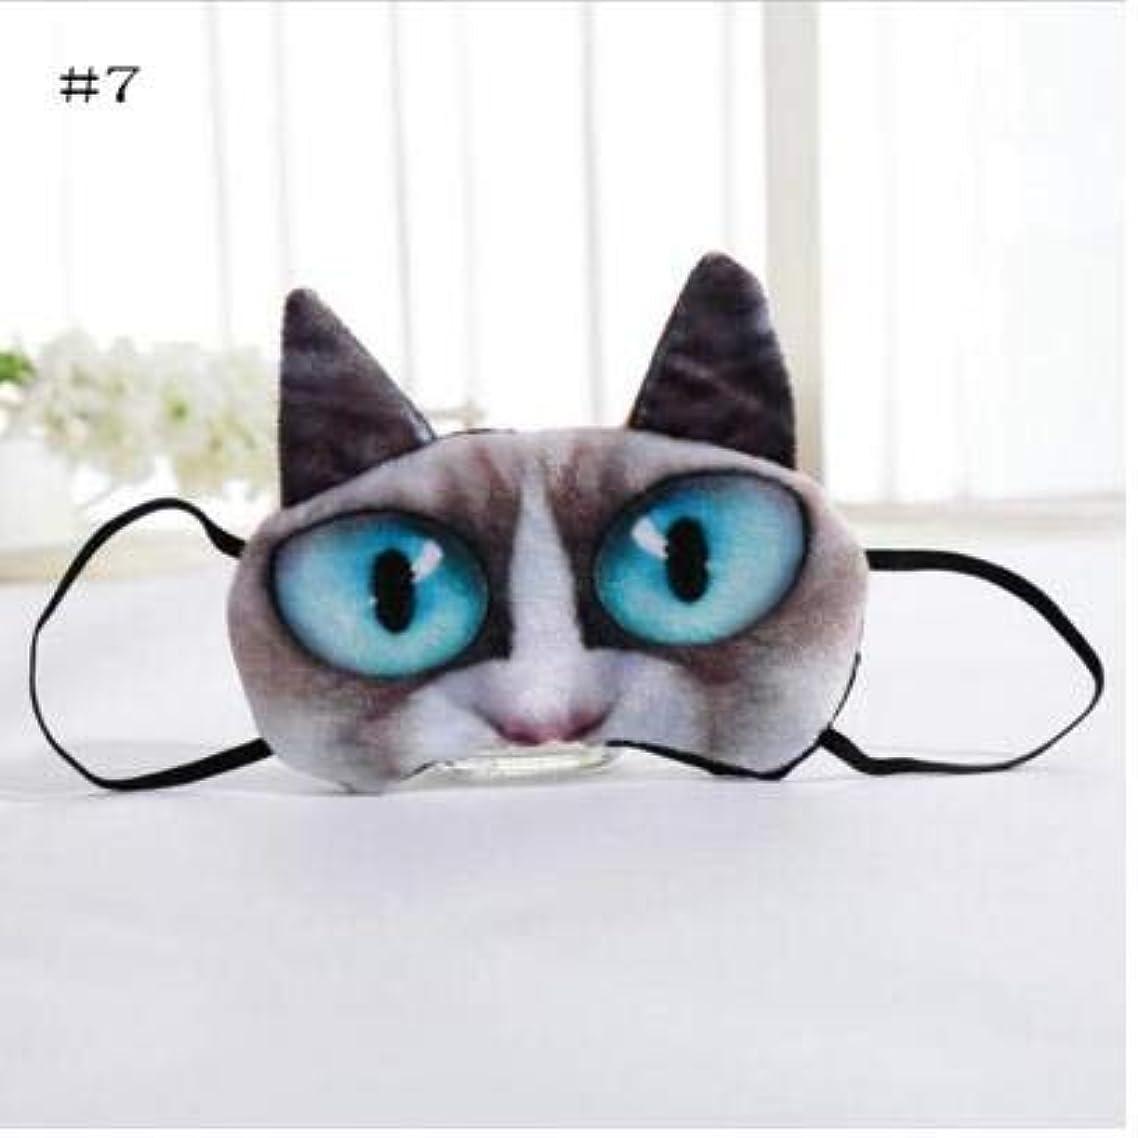 発明高尚な楽なNOTE 新しいかわいい漫画猫デザイン睡眠アイマスクウェルレストノーマルアイシェード保護カバーMR085